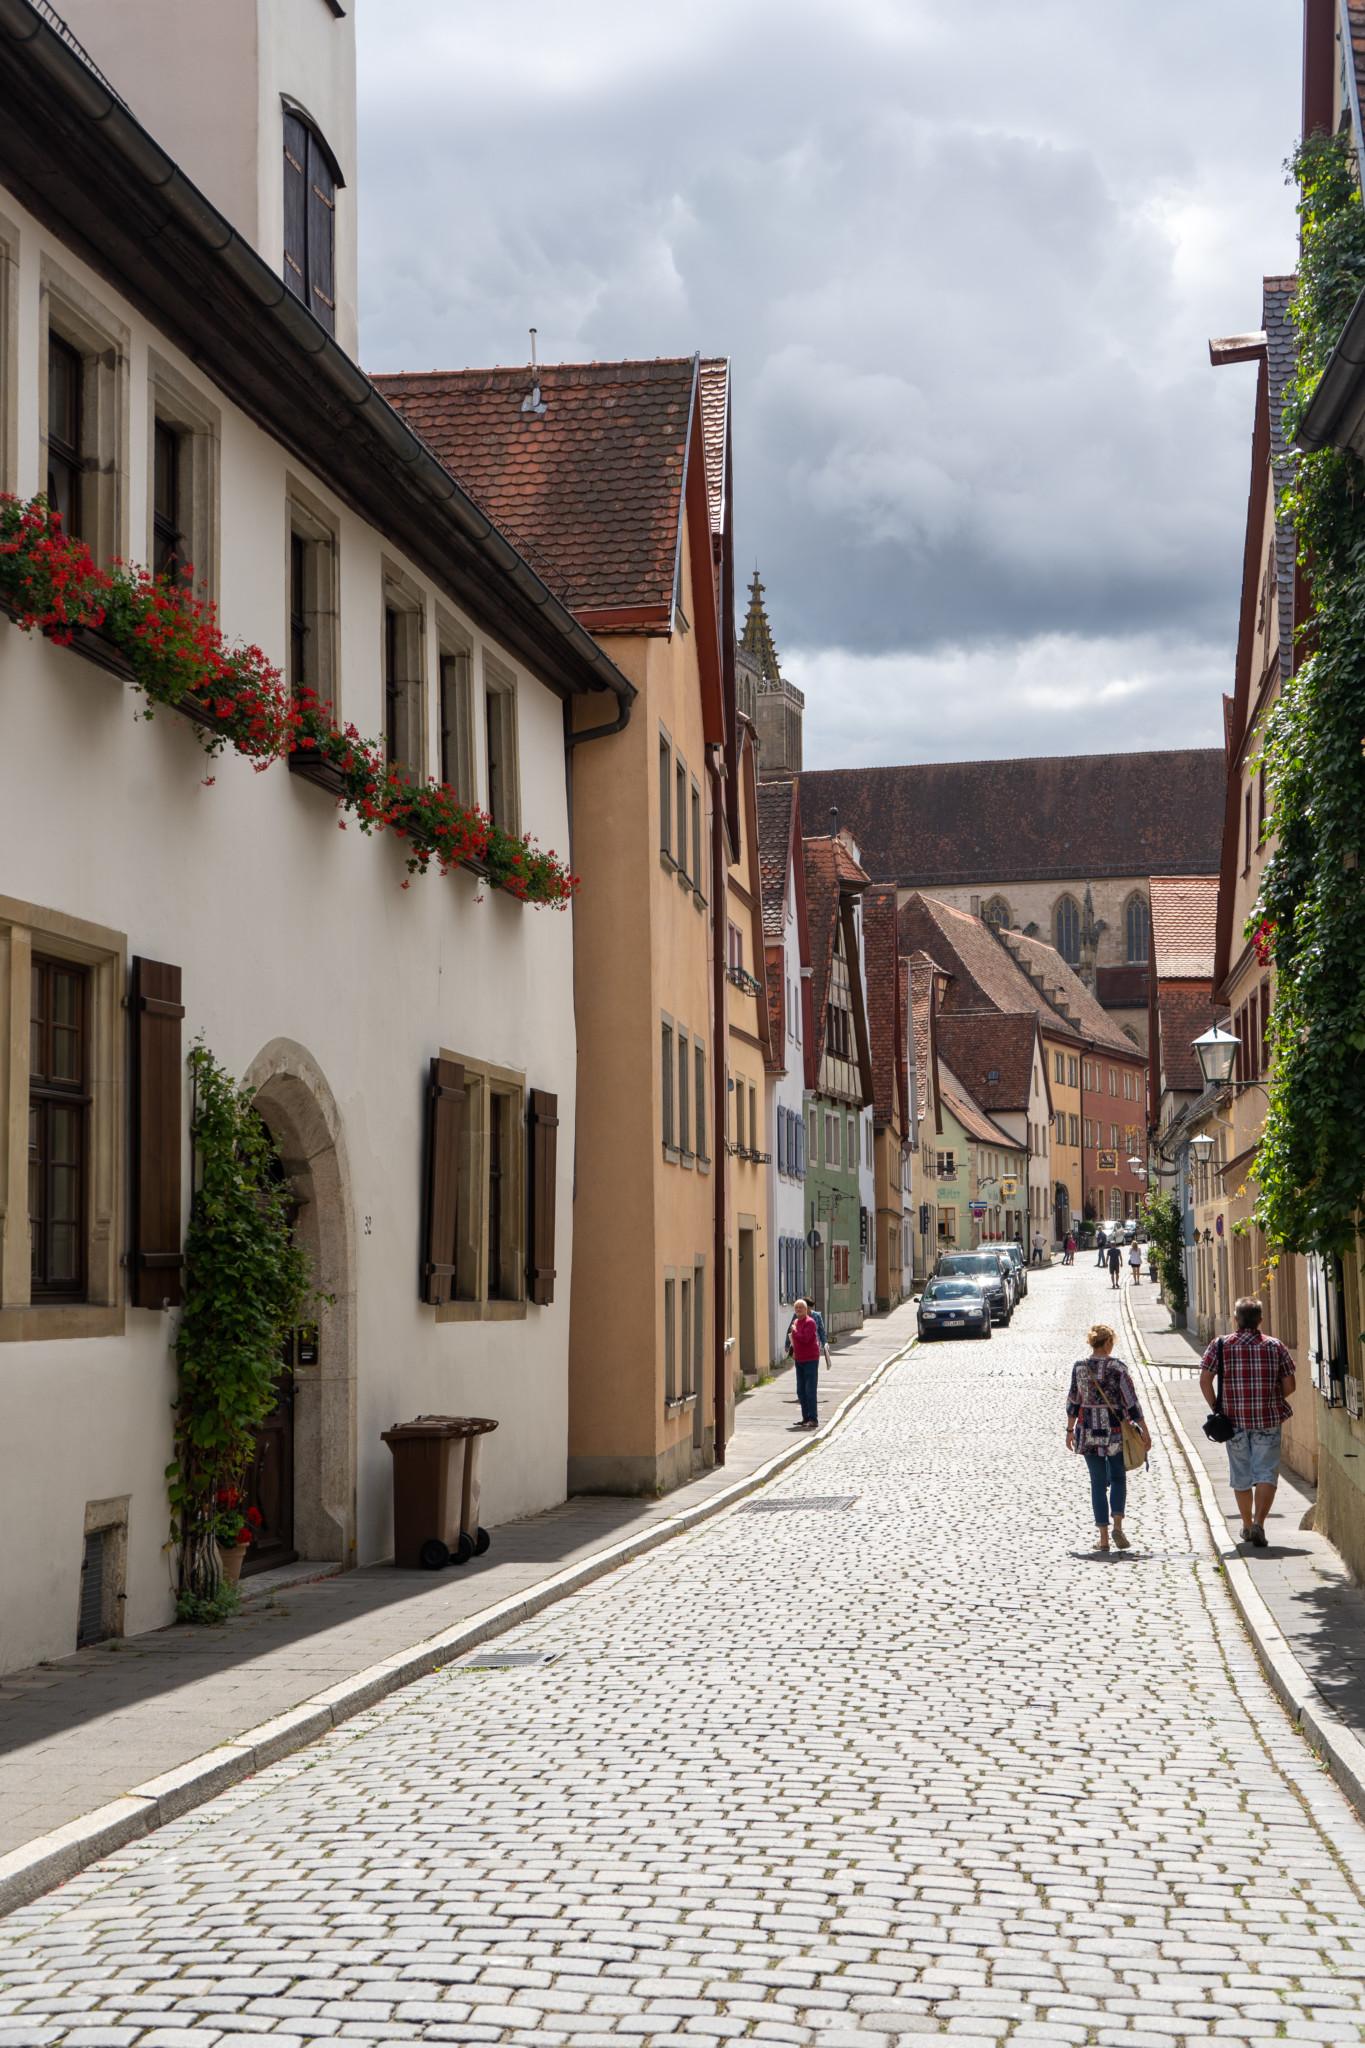 Gassen in Rothenburg ob der Tauber